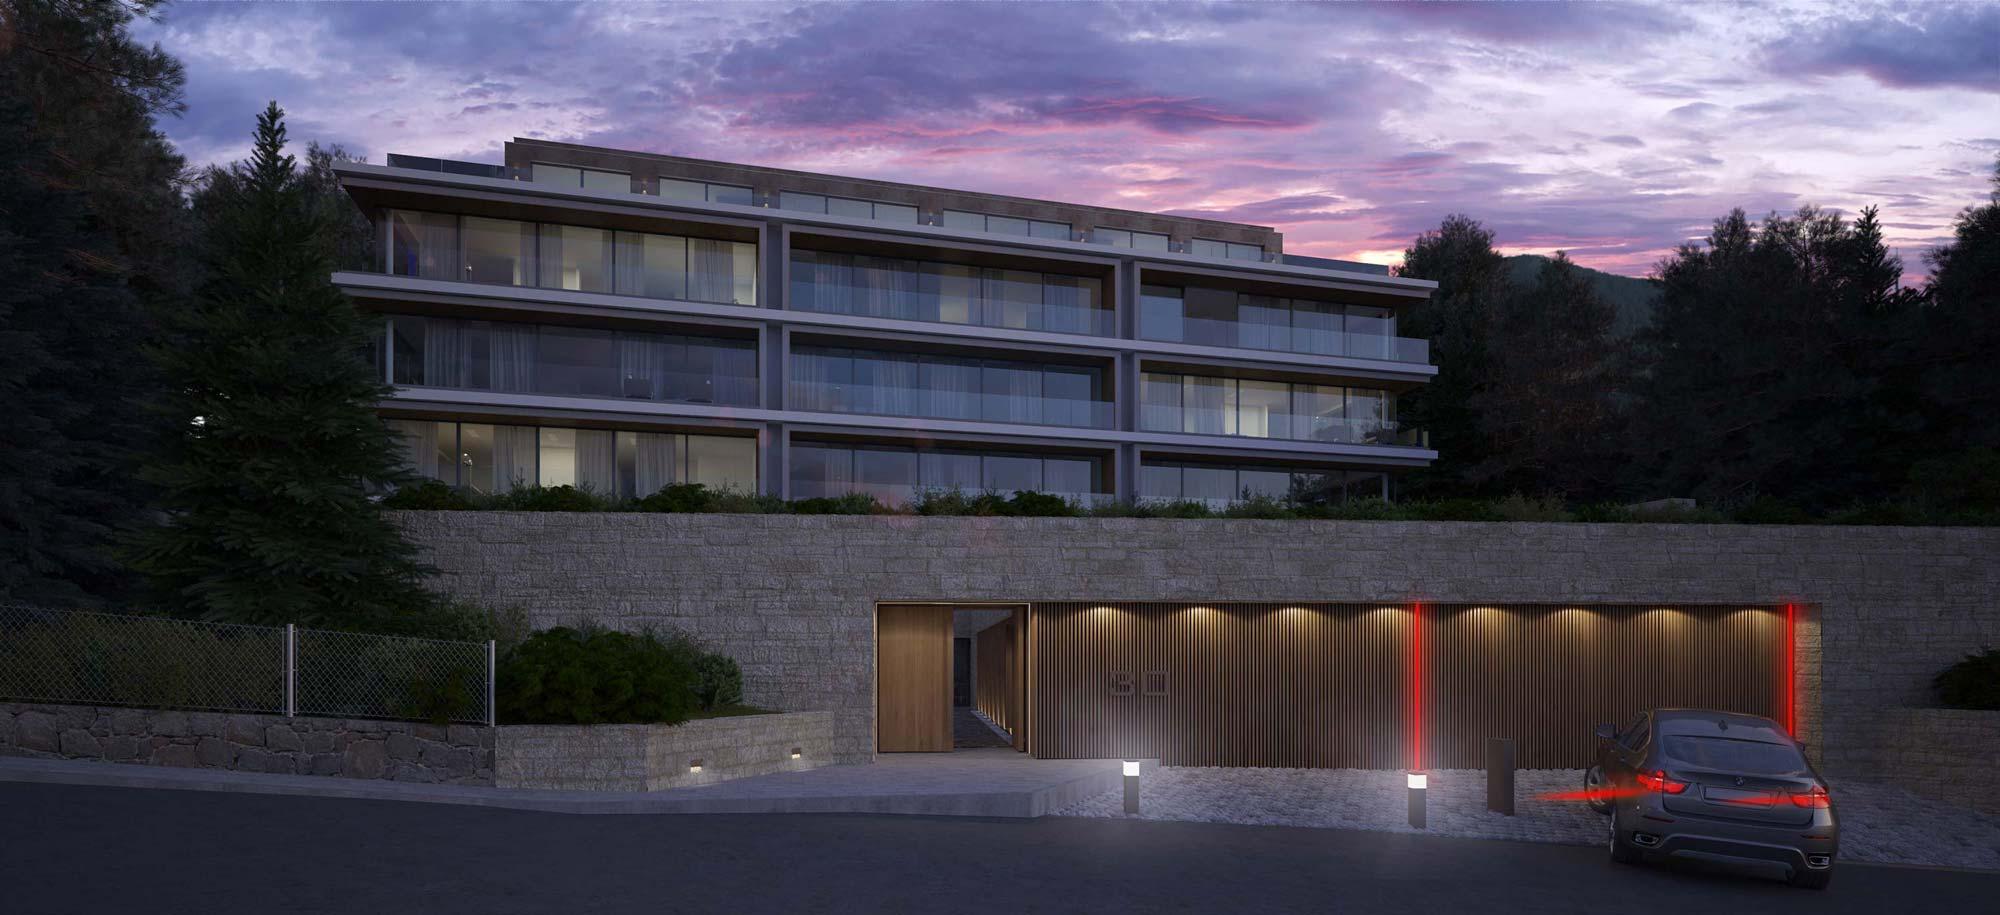 3dkad-3D-Visualisierung-Wohnungsbau-Mehrfamilienhaus